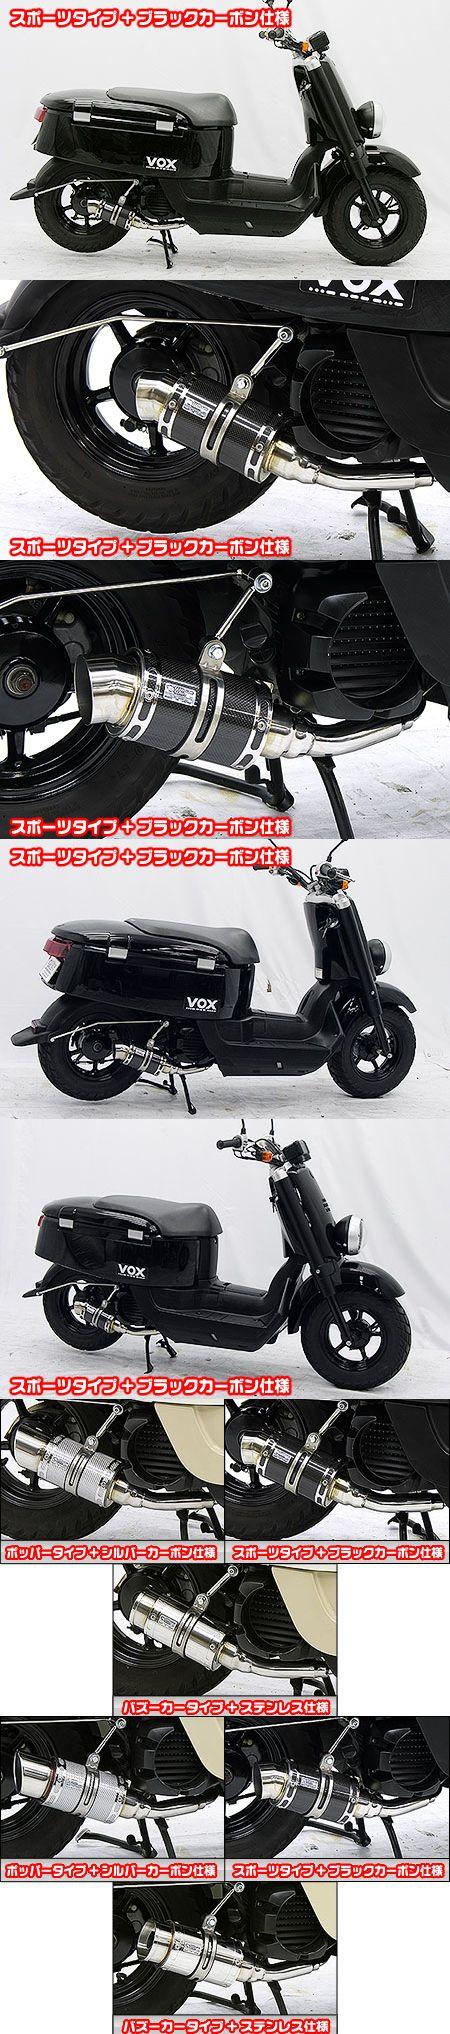 【WirusWin】Tiger auto聯名款 Fat Bomber全段排氣管 火箭筒型 黑色碳纖維款式 - 「Webike-摩托百貨」